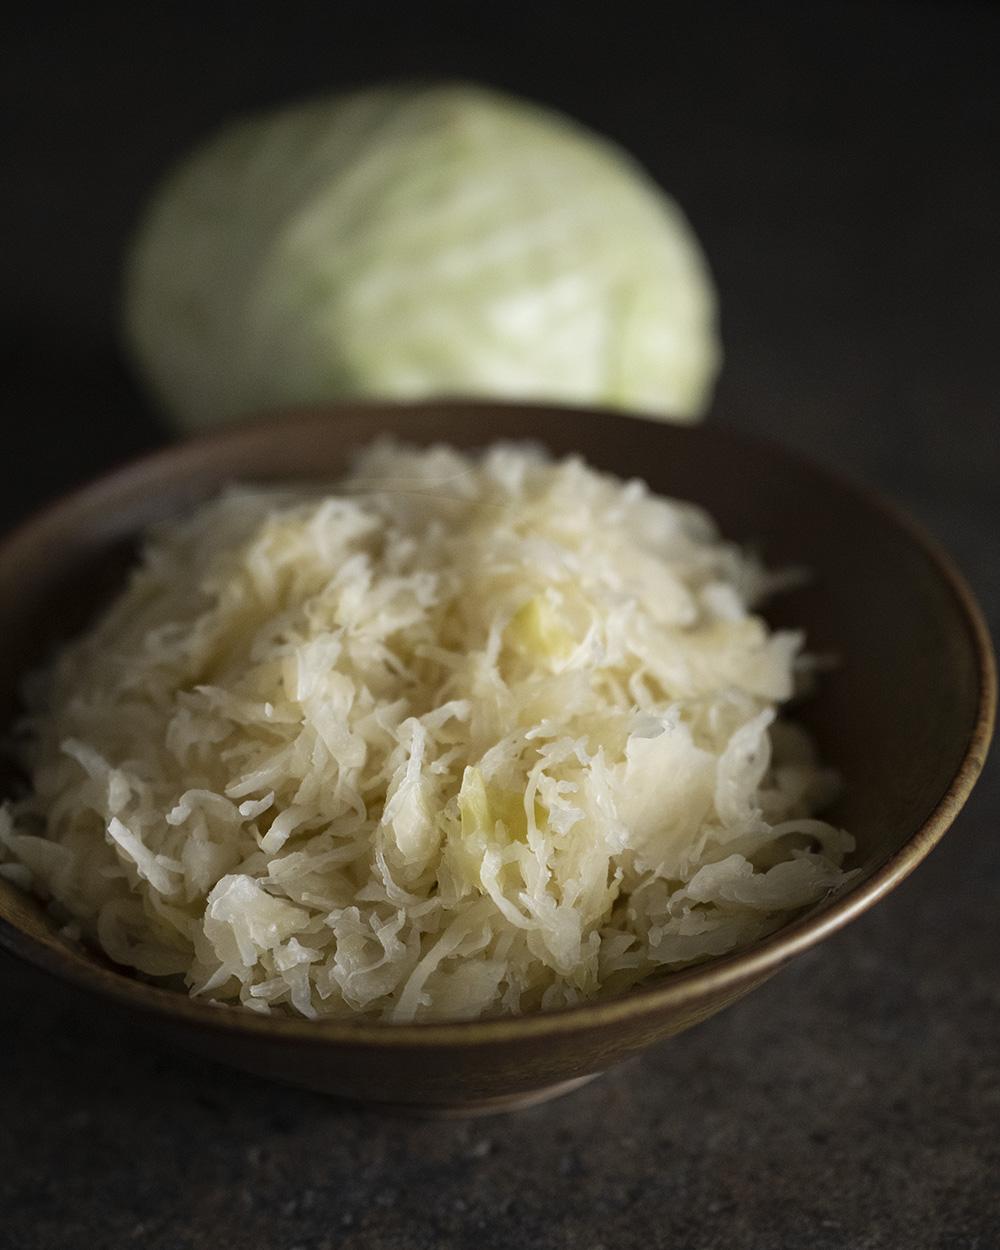 Regionales Sauerkraut, angerichtet in einer Schale. Es wird Zutat für unser Sauerkrautbrot.